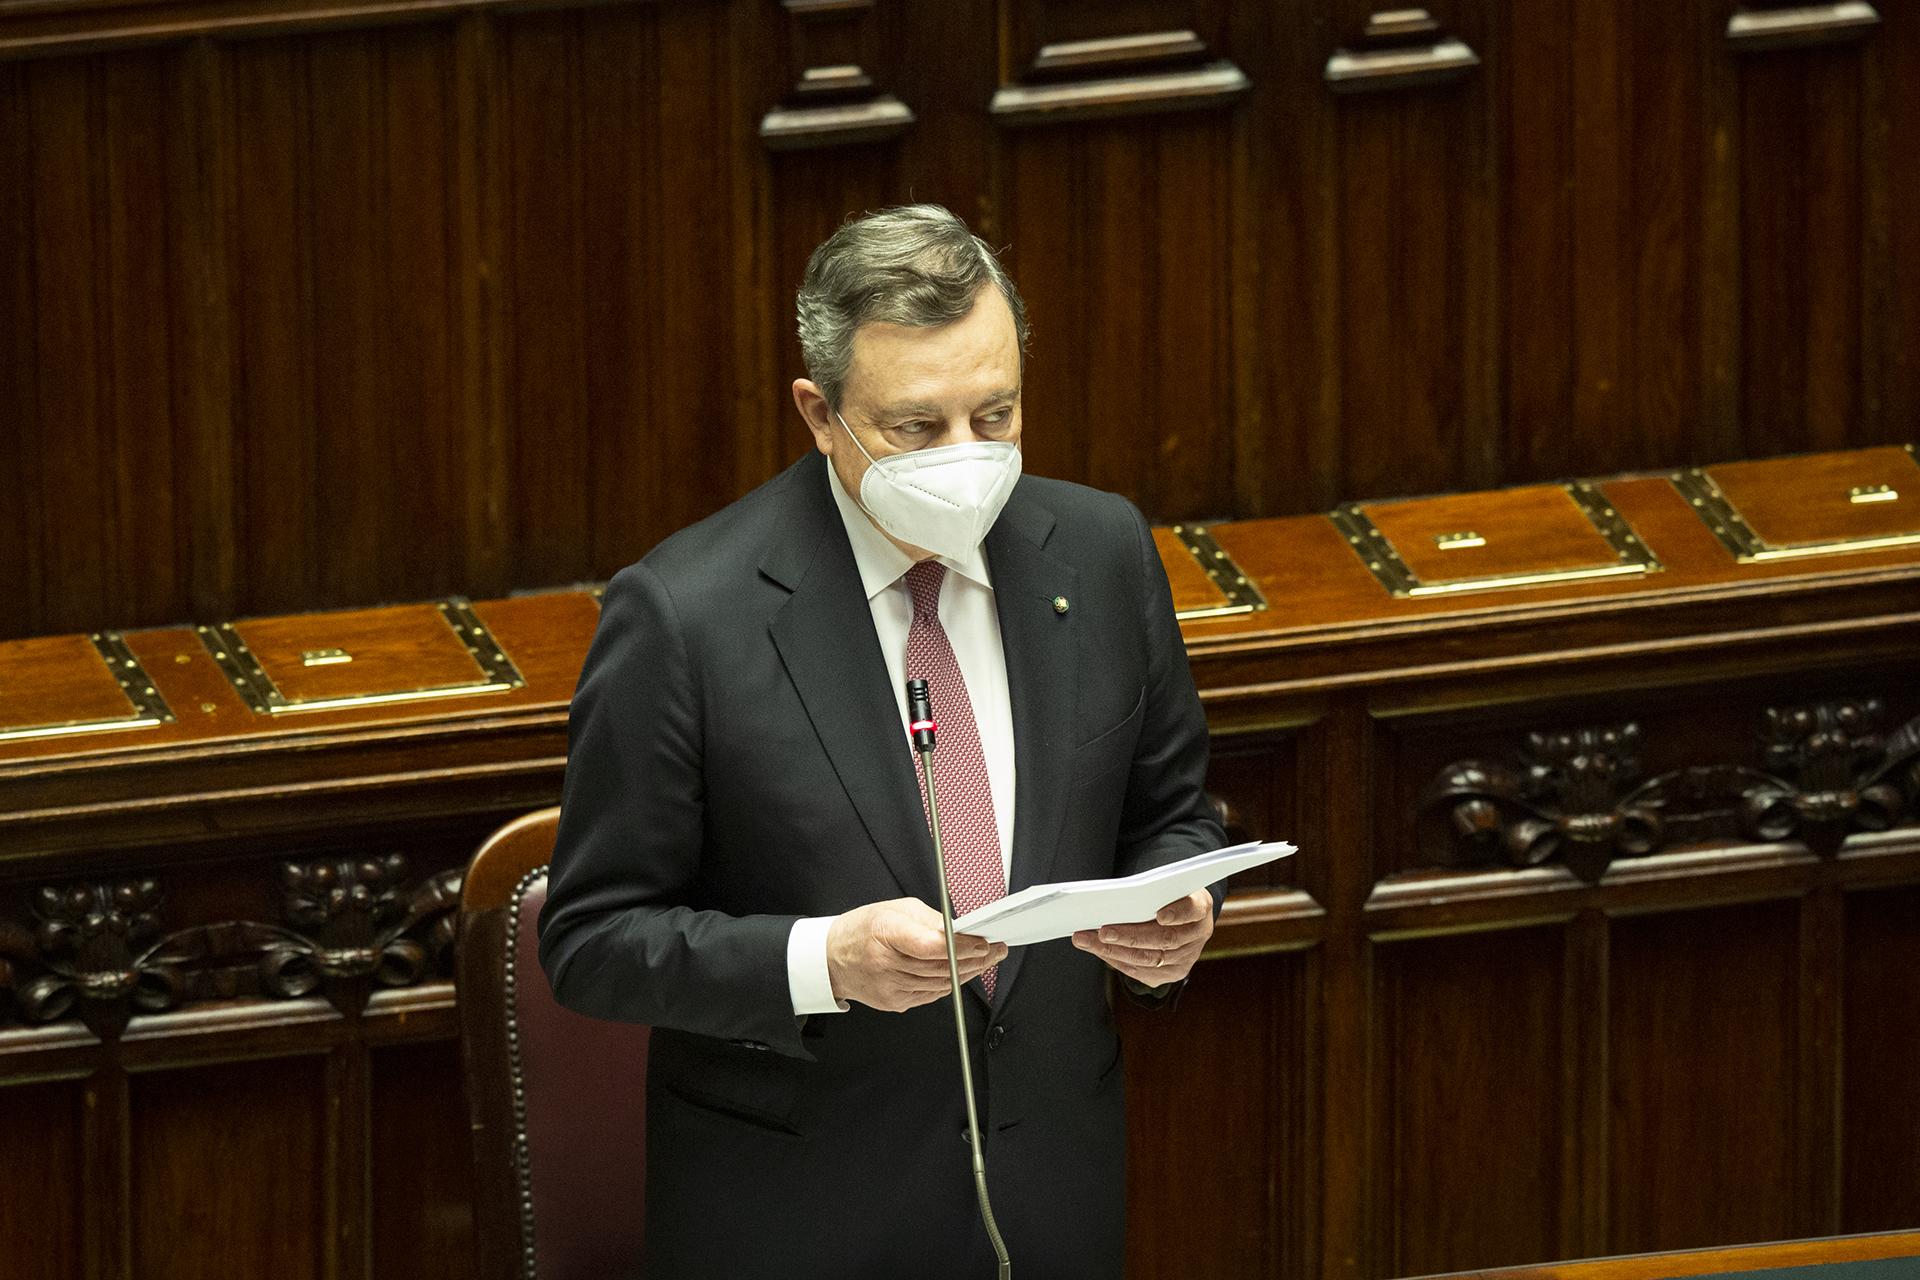 Le 6 missioni del PNRR, il discorso di Draghi alla Camera